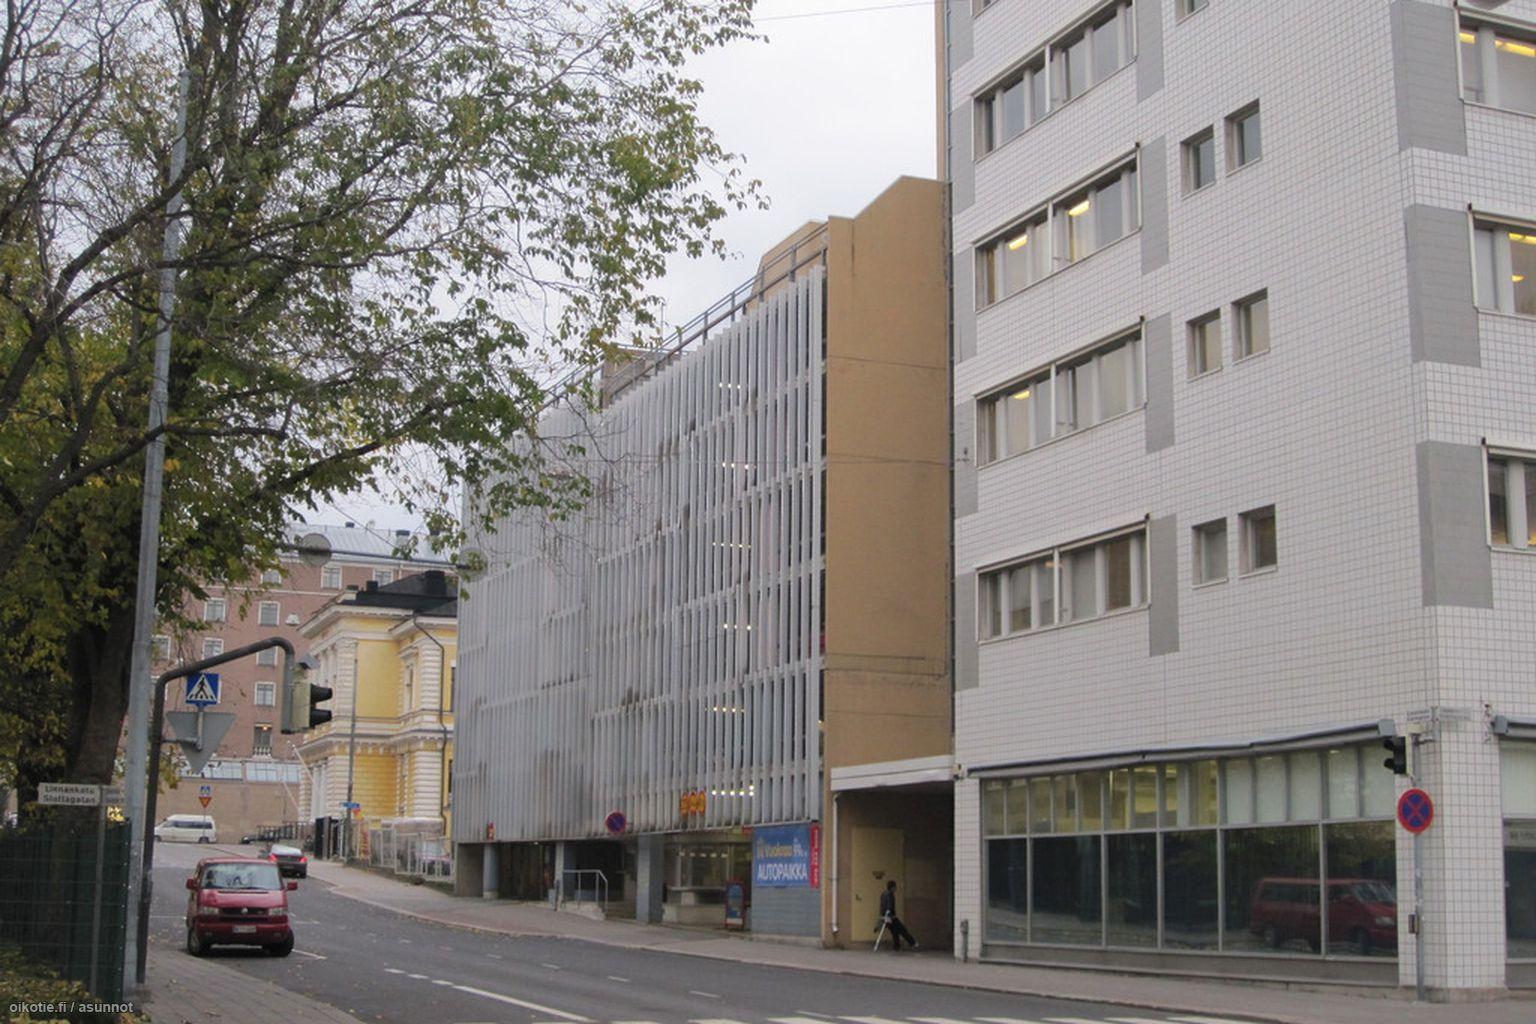 12 m² Eskelinkatu 1, 20100 Turku Autopaikka vuokrattavana - Oikotie 9850530